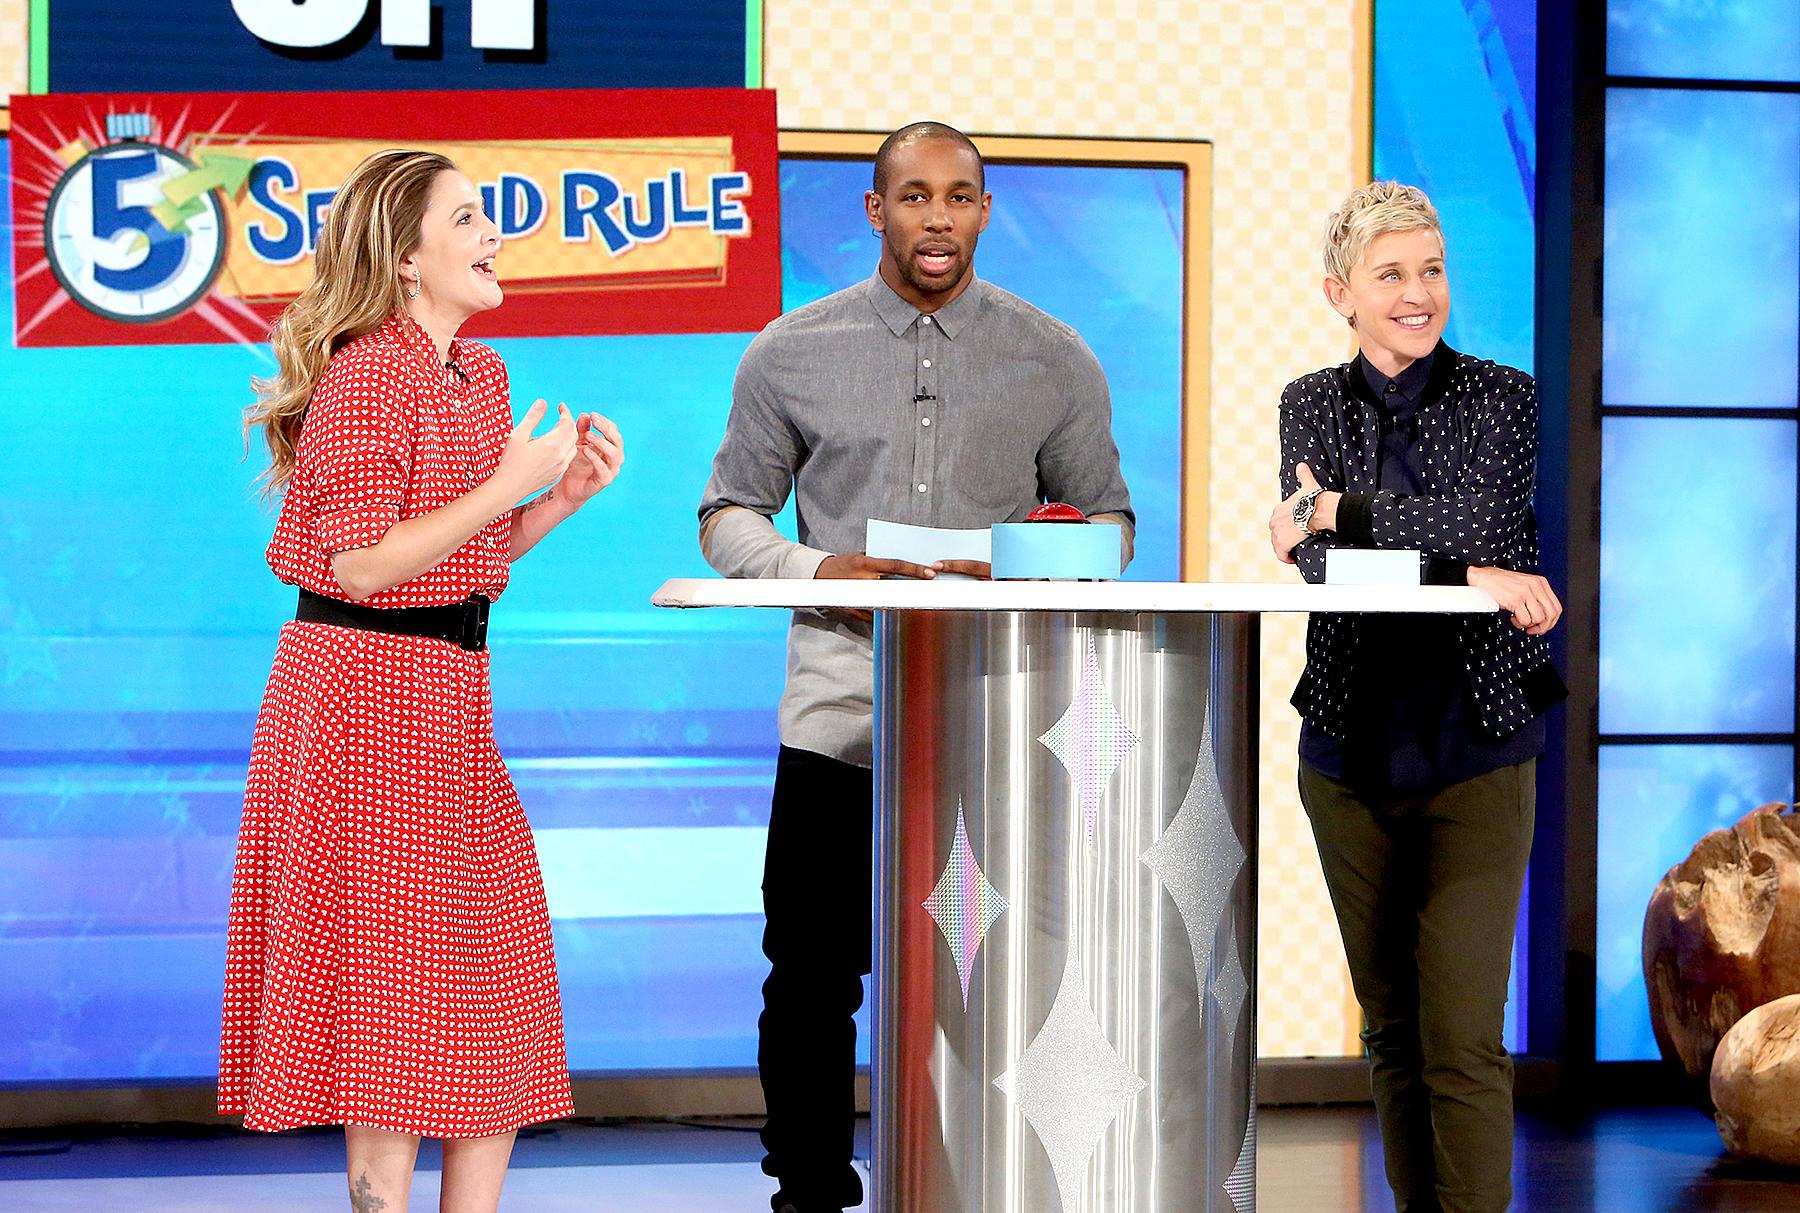 Drew Barrymore on The Ellen DeGeneres Show